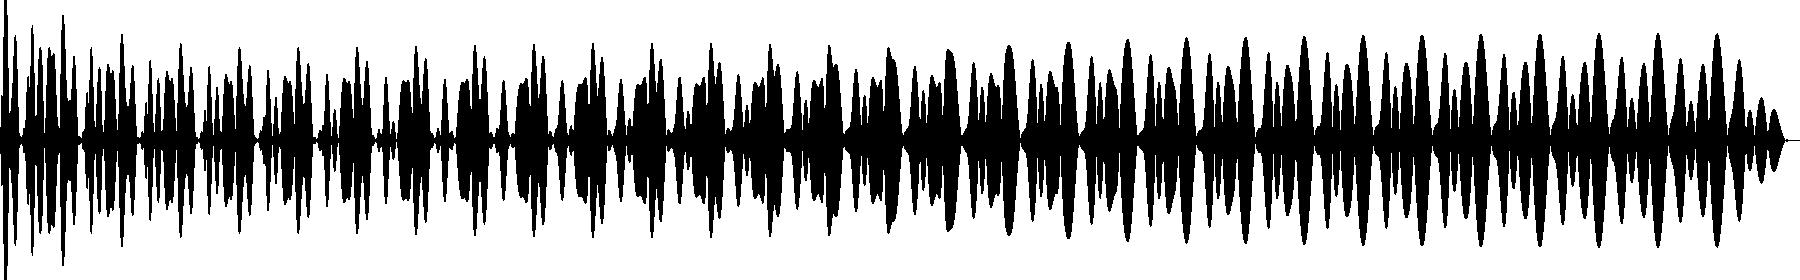 vedh bass cut 107 b